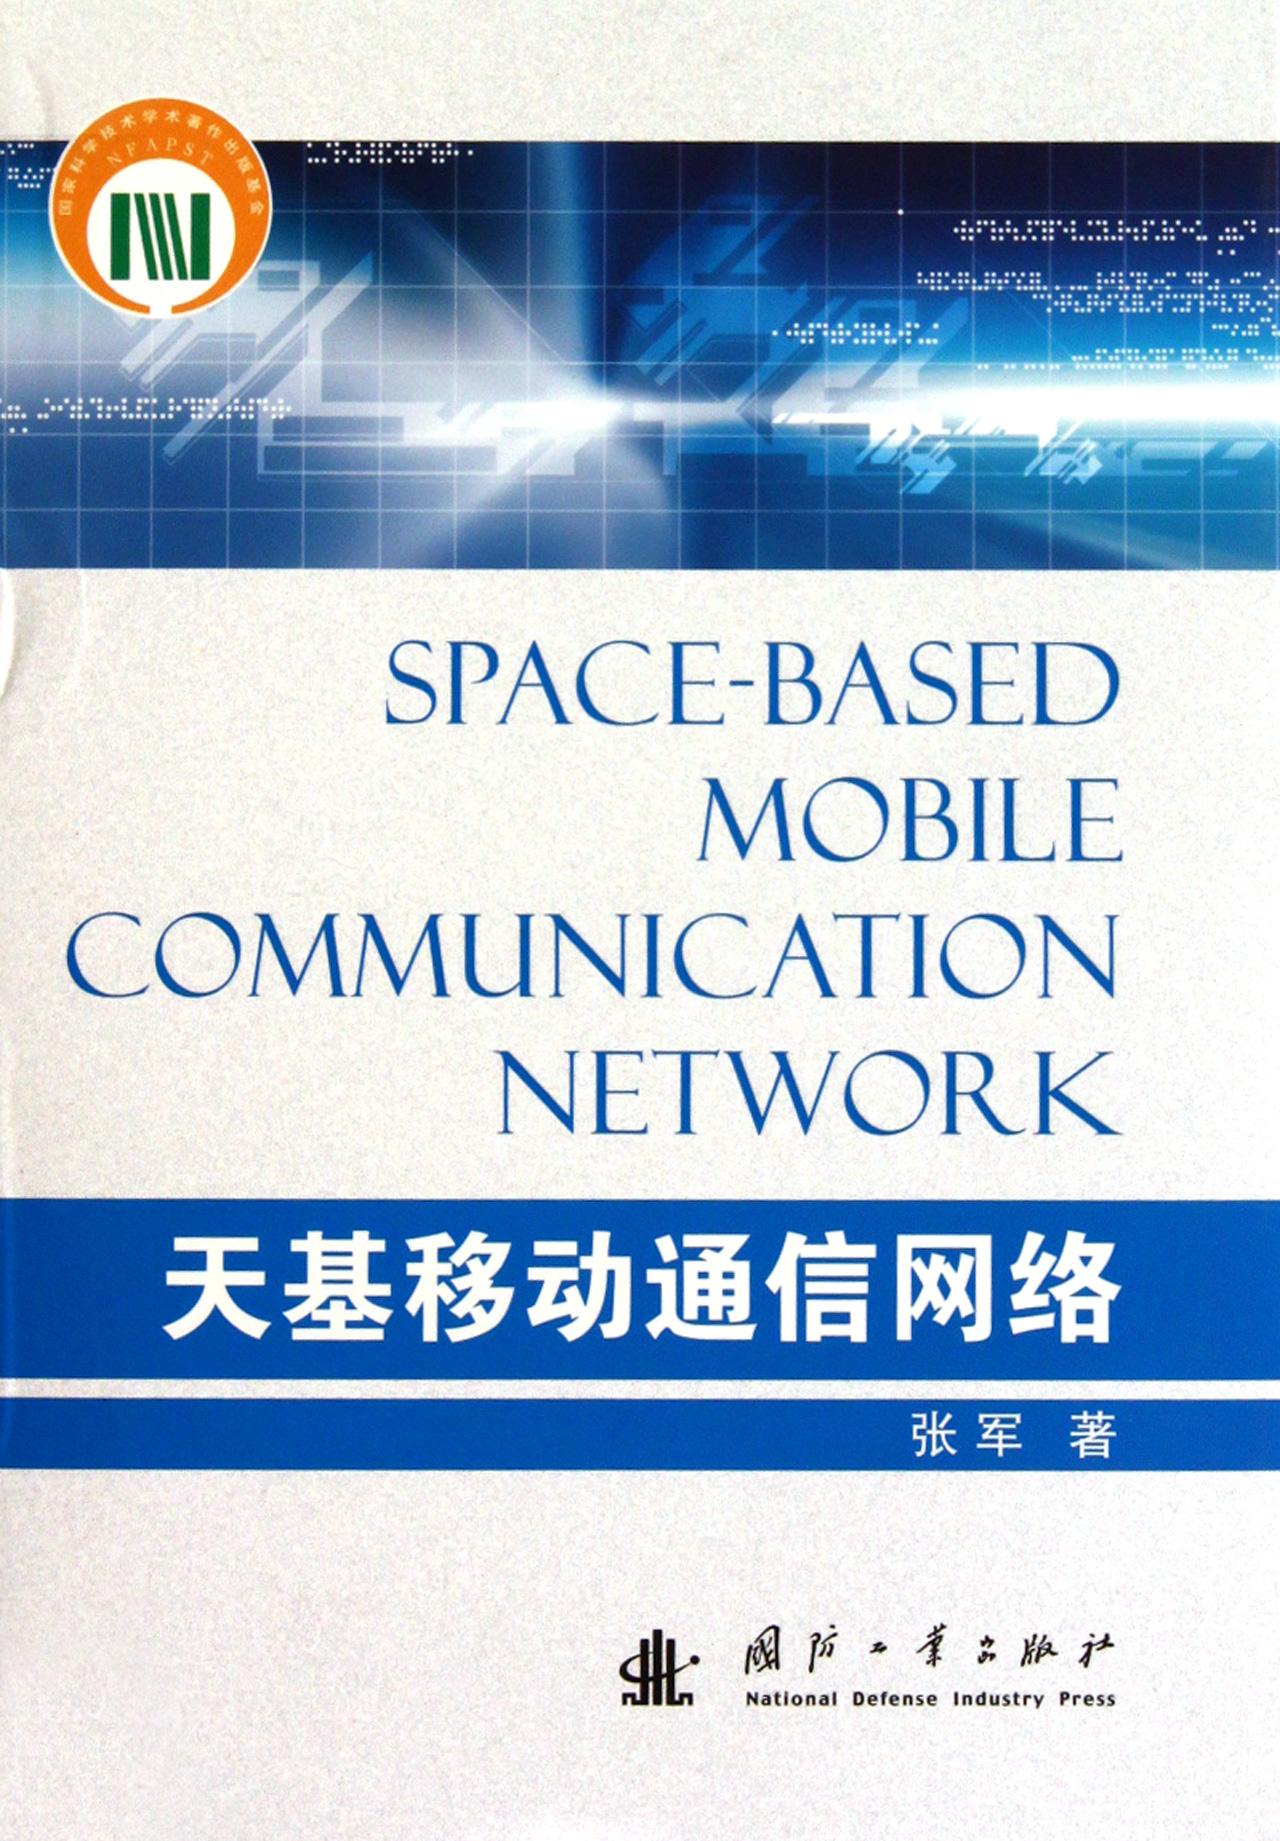 天基移动通信网络精